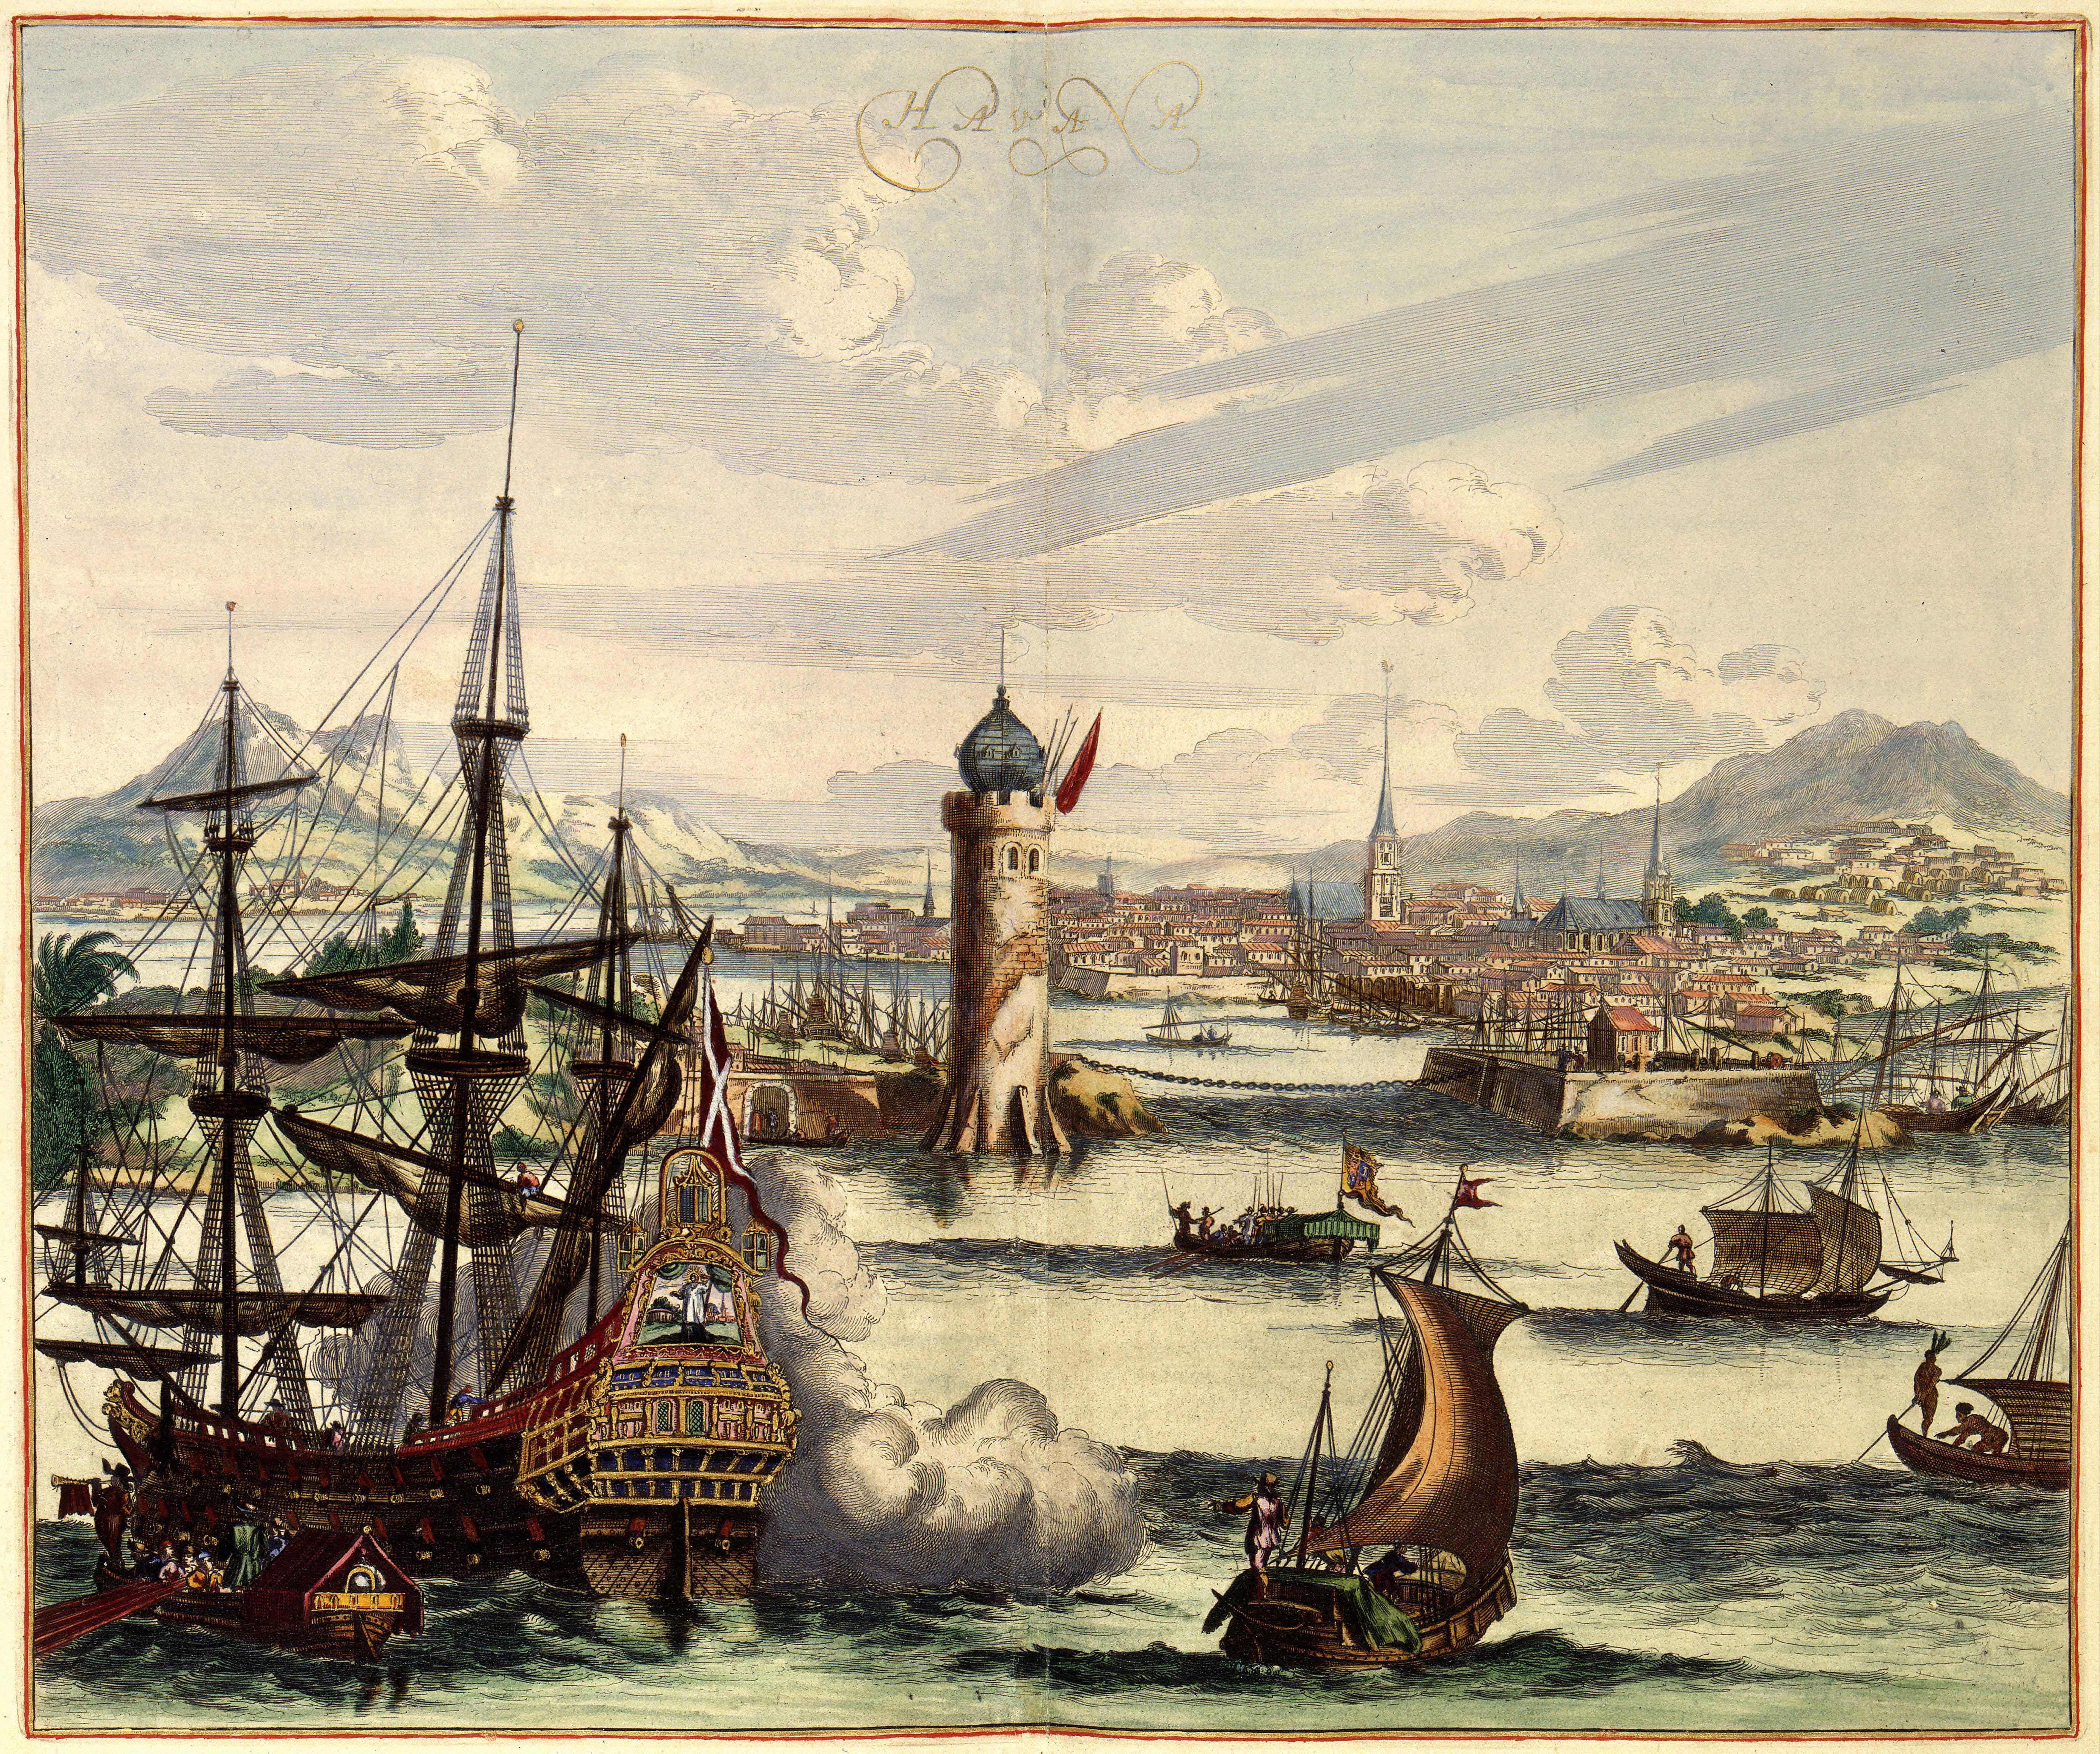 Grabado antiguo de la Habana colonial. Ámsterdam, siglo XVII.